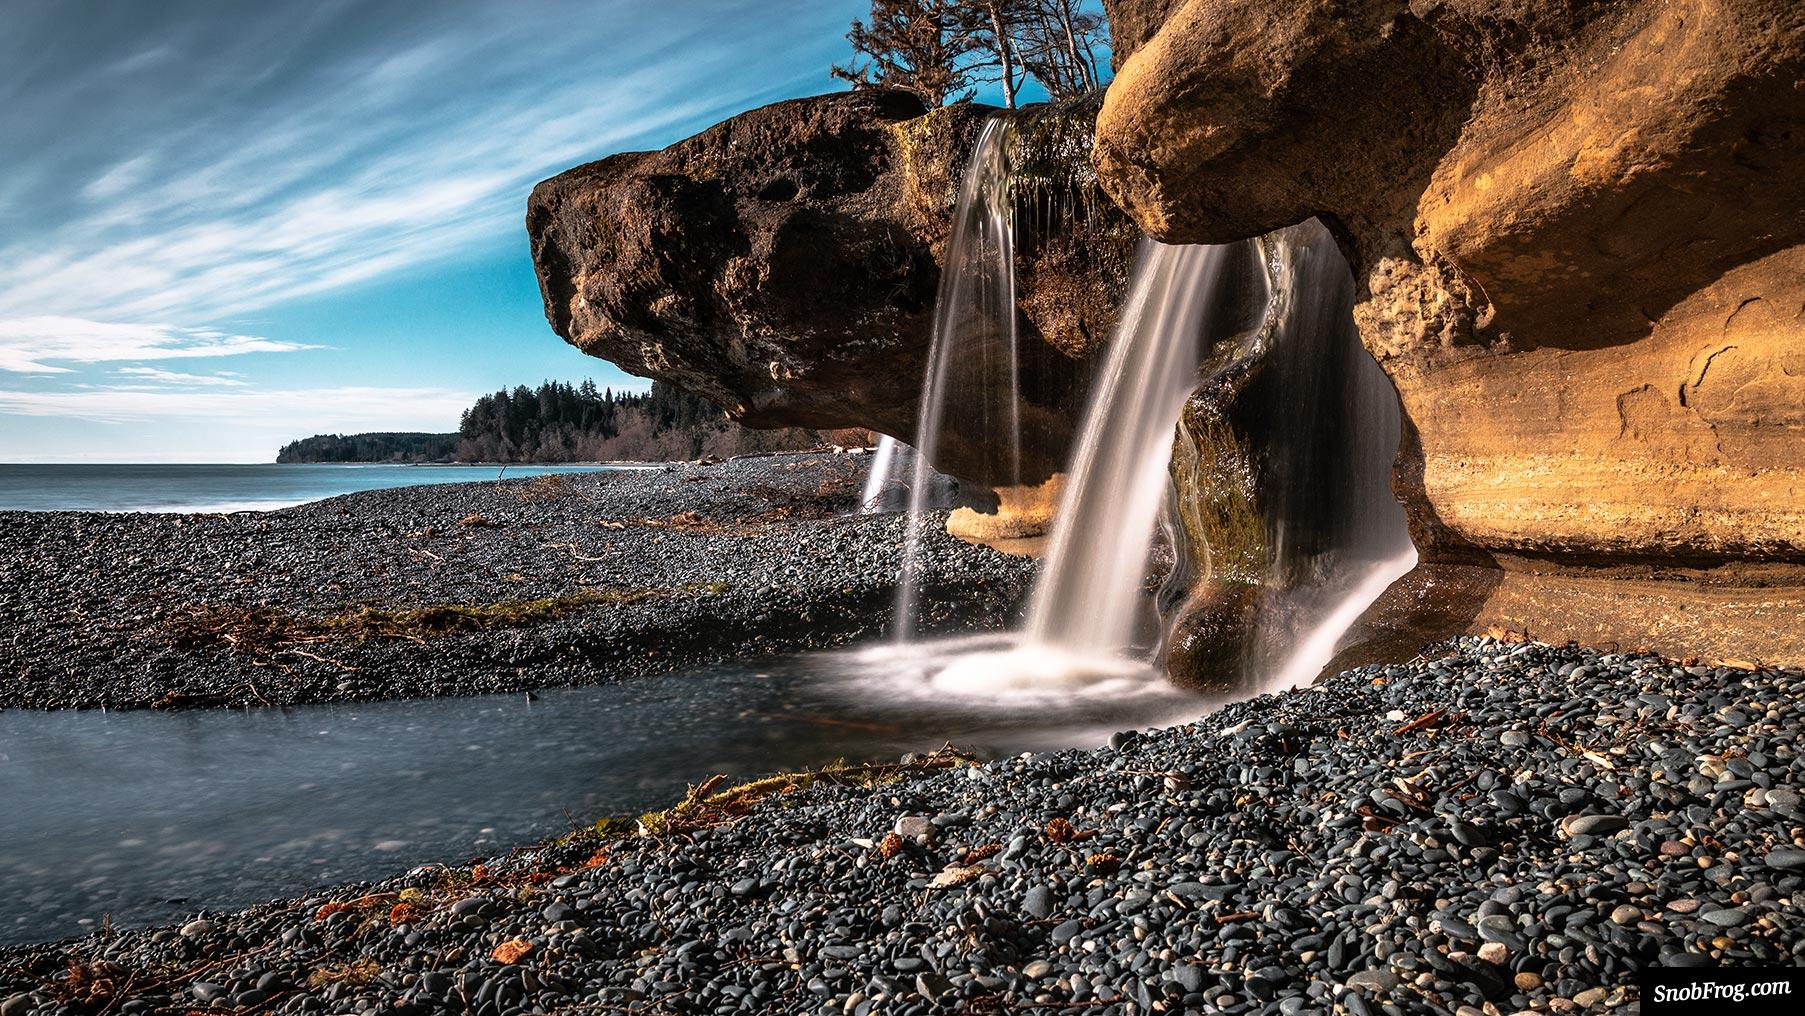 DSC_4010_sandcut_beach_sooke_regional_park